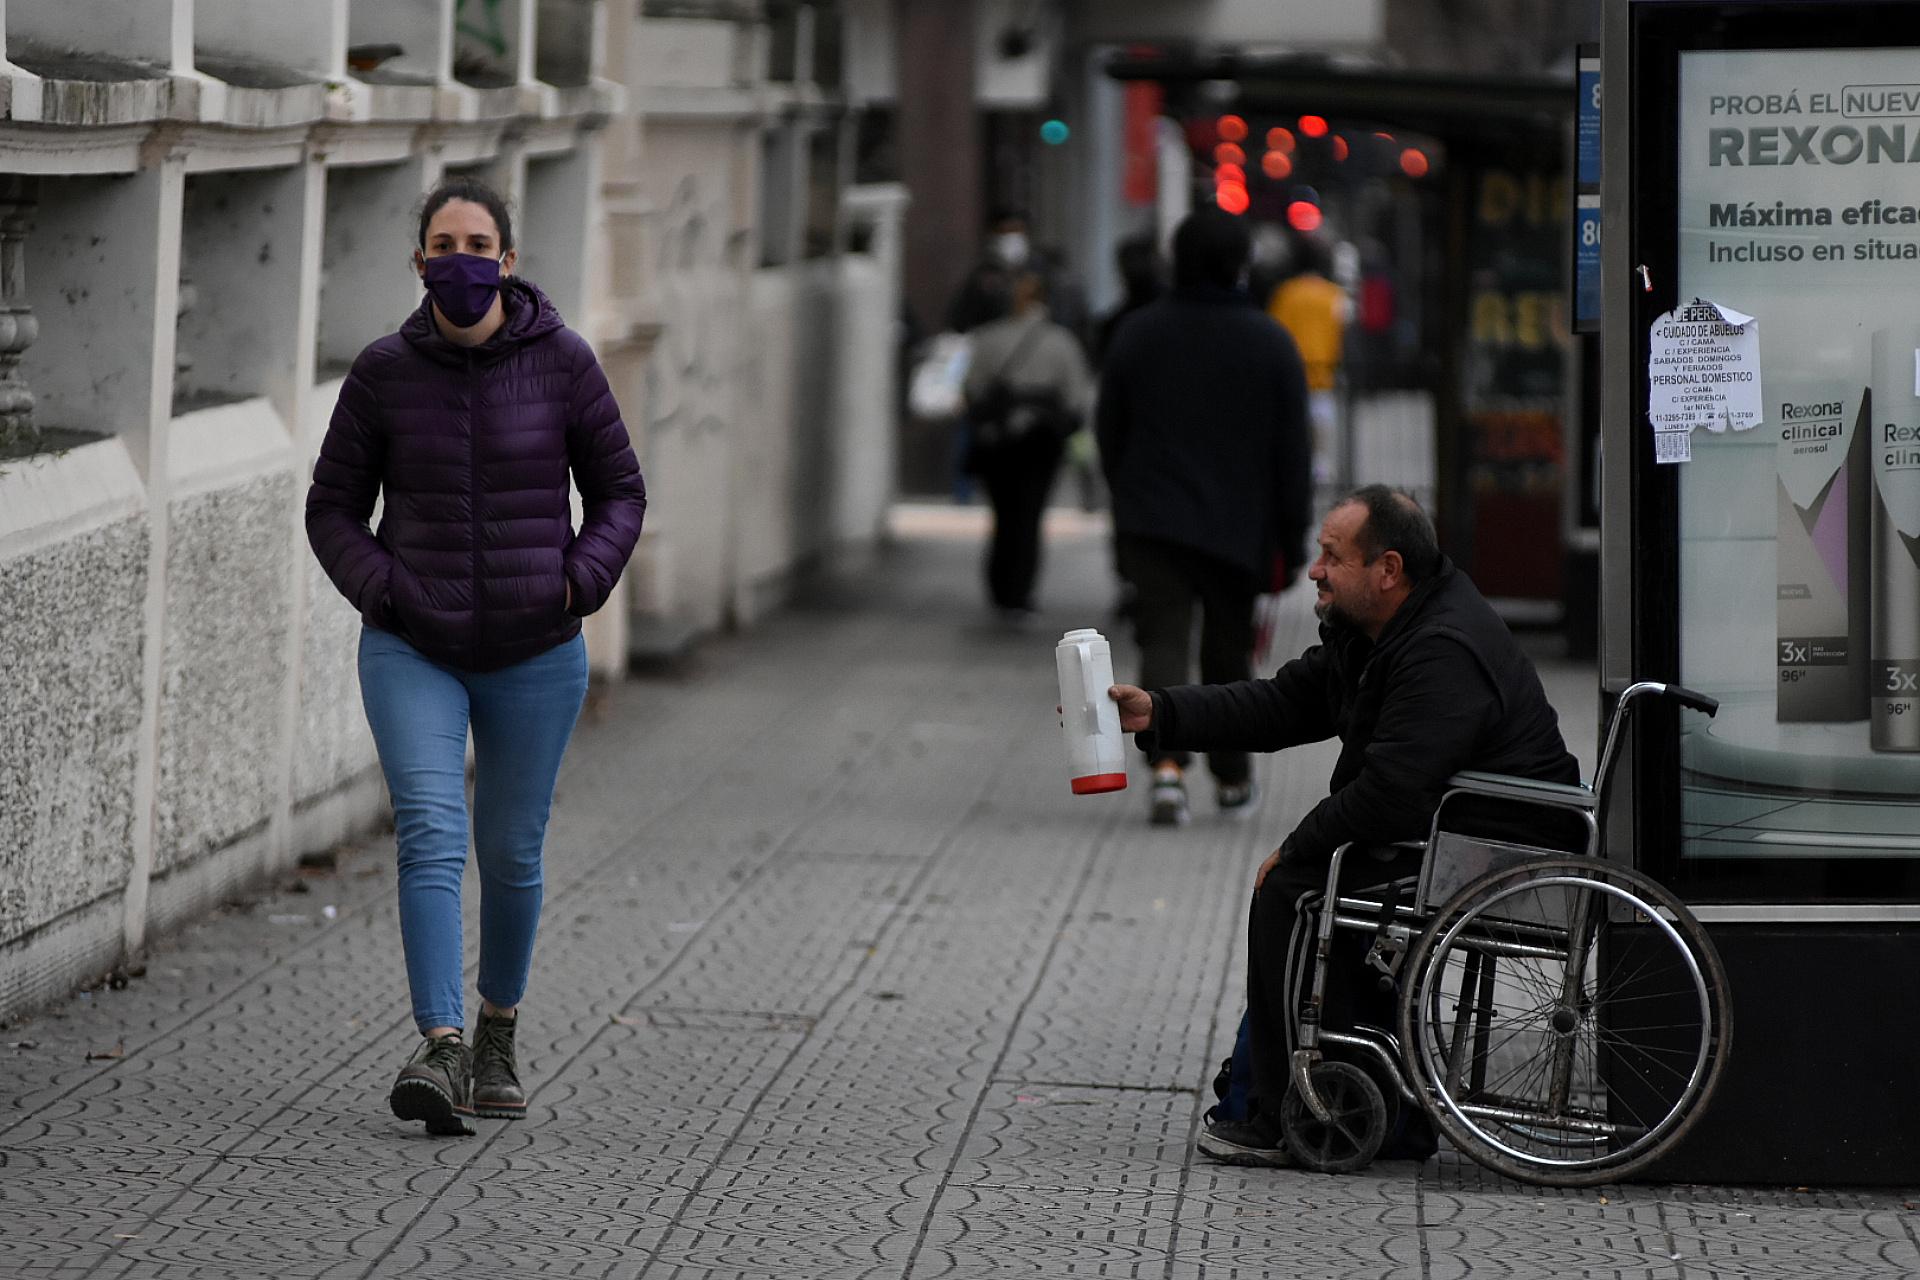 La crisis económica y la pandemia generaron situaciones estremecedoras. Al menos 1.500 personas atraviesan por primera vez en su vida la experiencia de vivir en la calle. En 2017, el 23% de los encuestados dijo que era su primera vez sin techo, pero en 2019 representó el 52%.